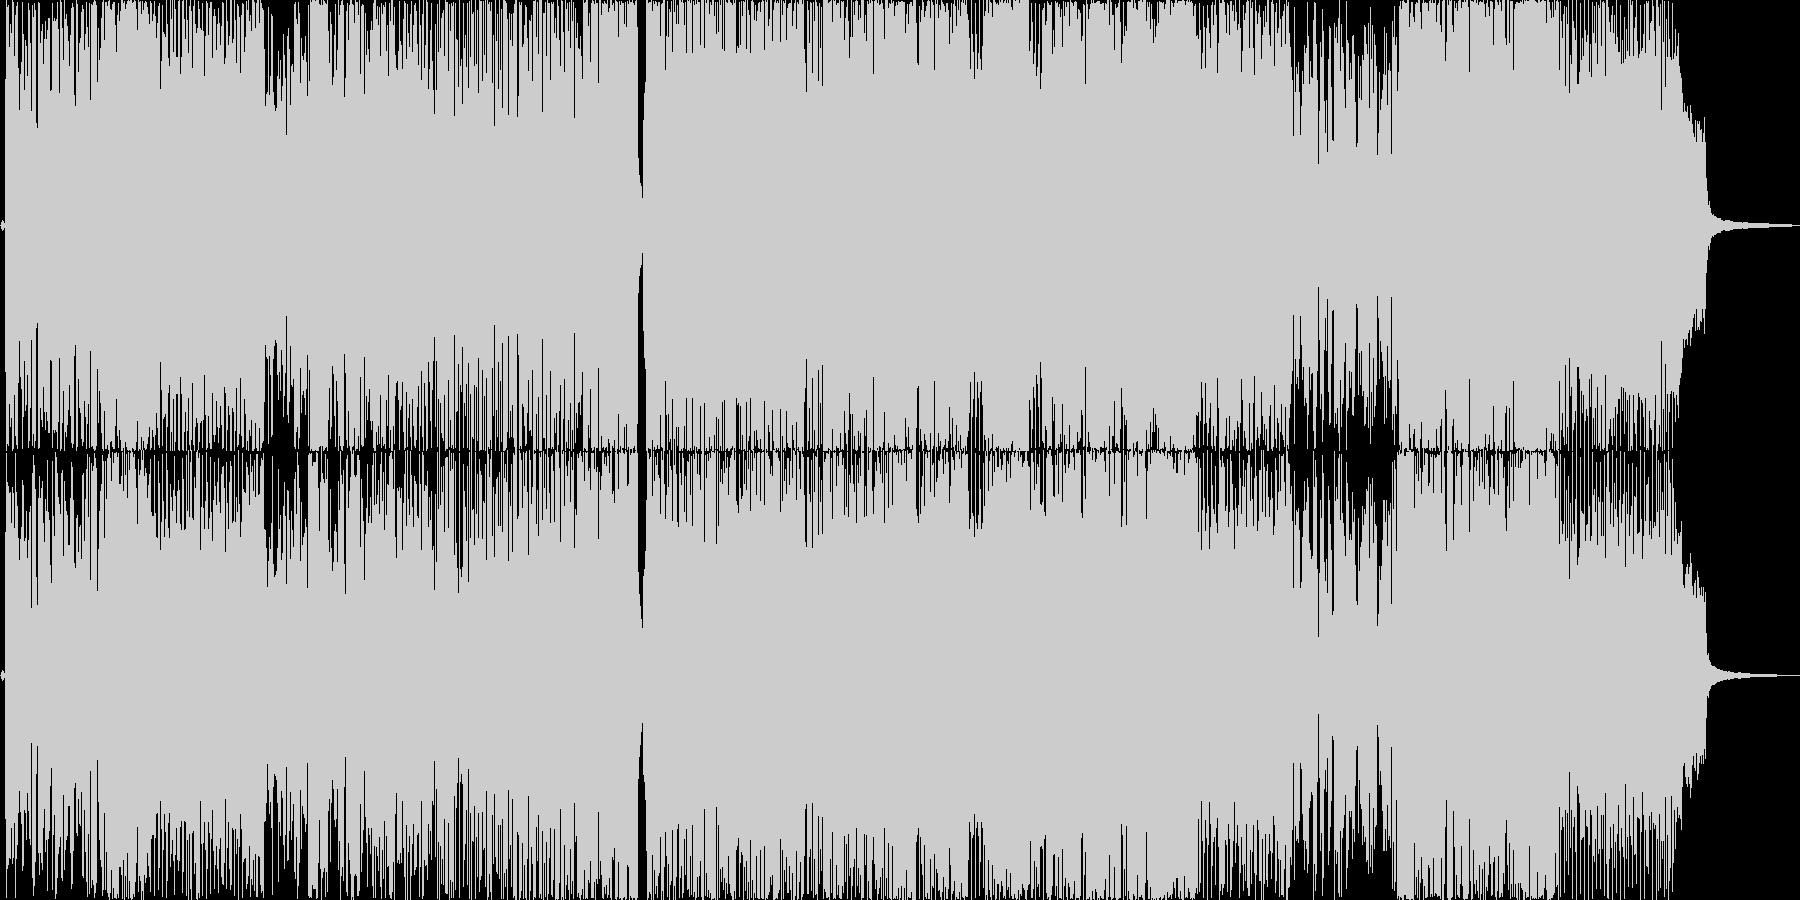 ポップで楽しげなアニソン風の歌もの曲の未再生の波形